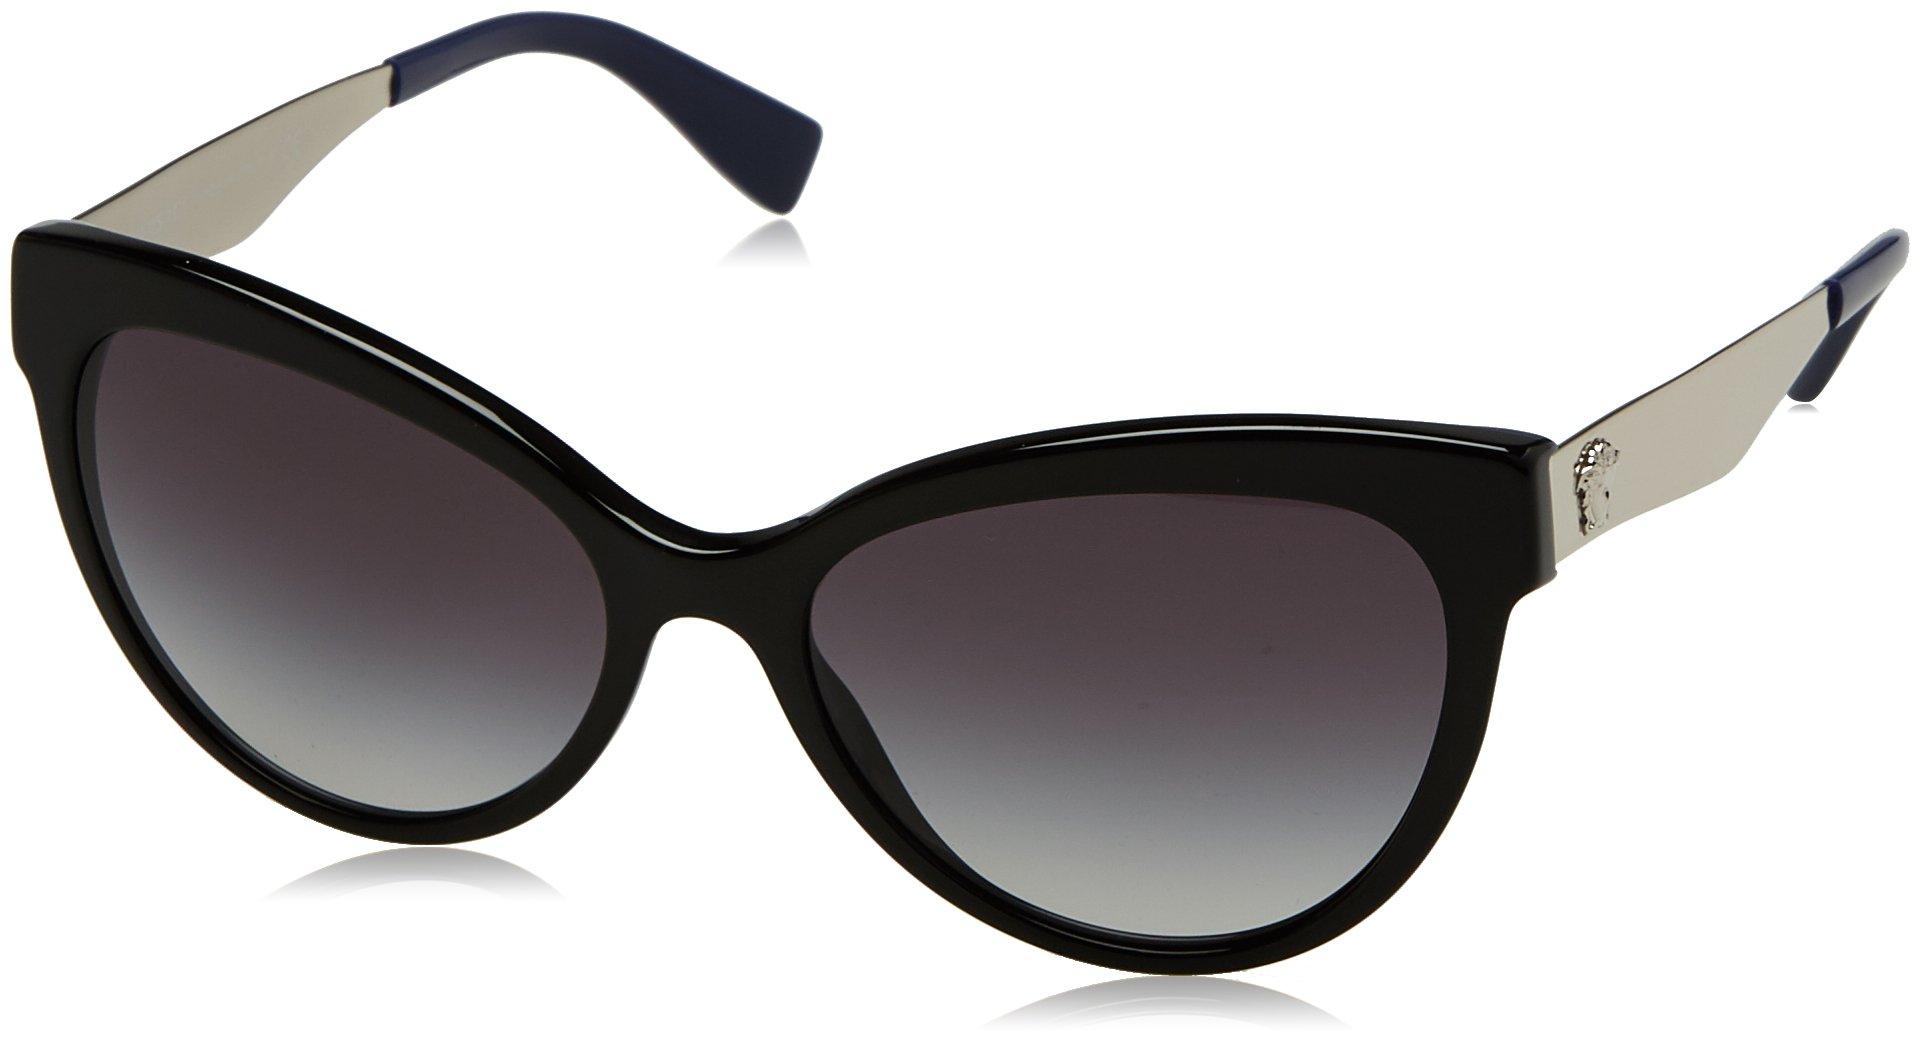 2cc574ace2 Authentic Versace Sunglasses VE4338-5247 8G 57mm Black-Blue   Grey ...